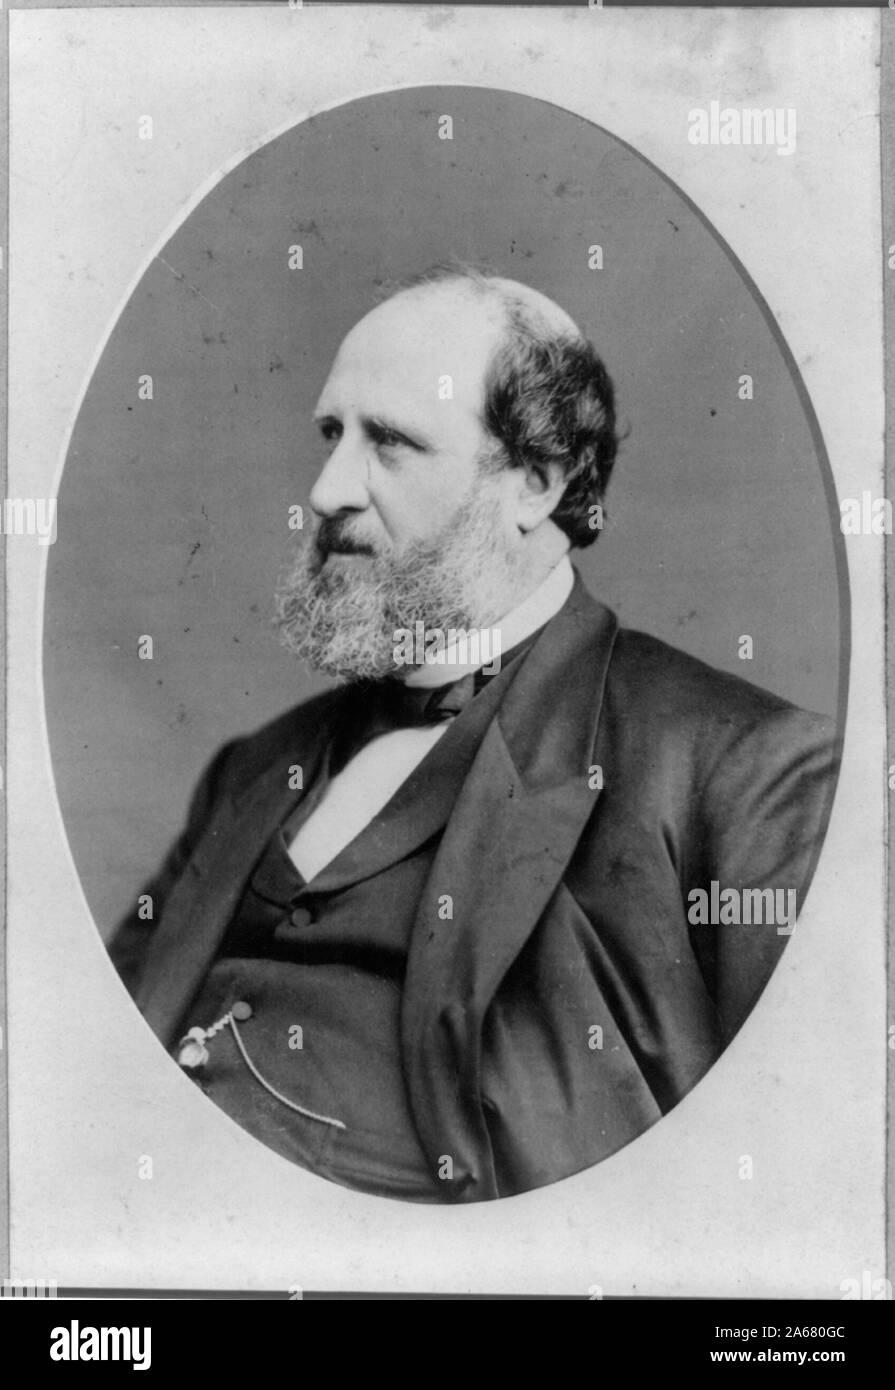 1871 ANTIQUE WOOD-CUT ENGRAVING TWEED TWEED WILLIAM M